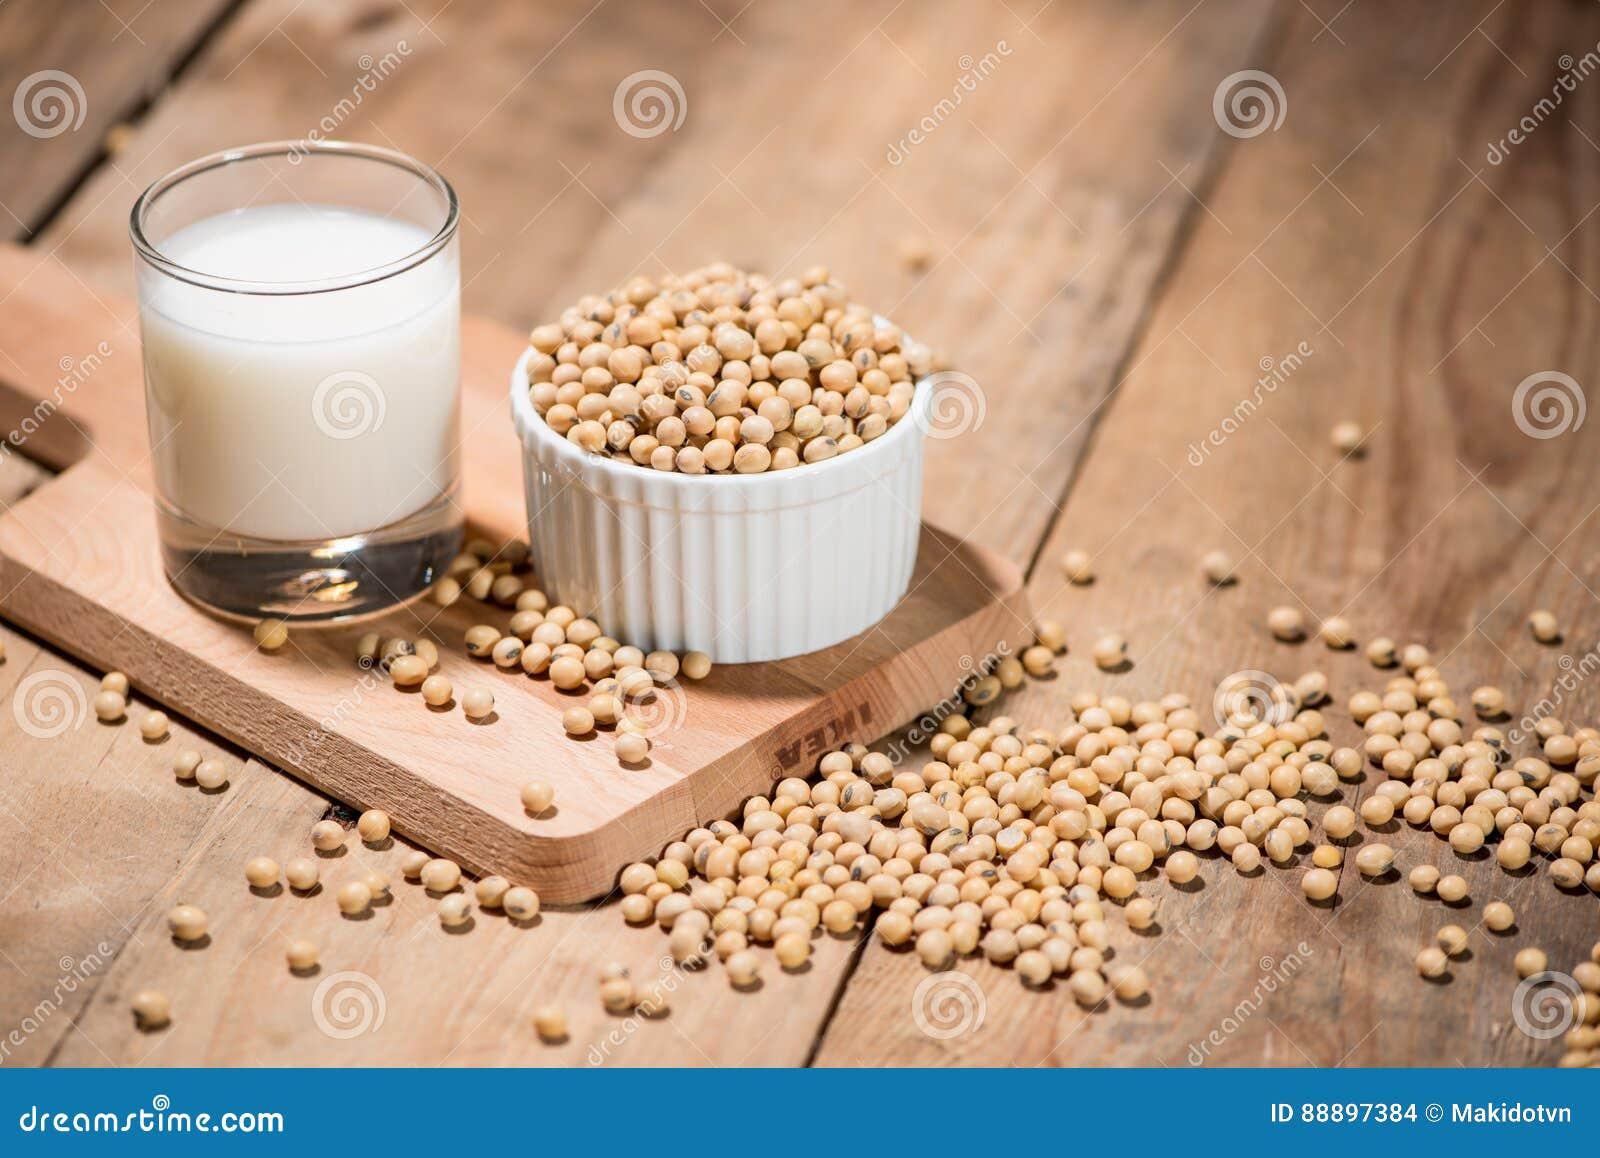 在木桌上的豆奶或大豆牛奶和大豆豆